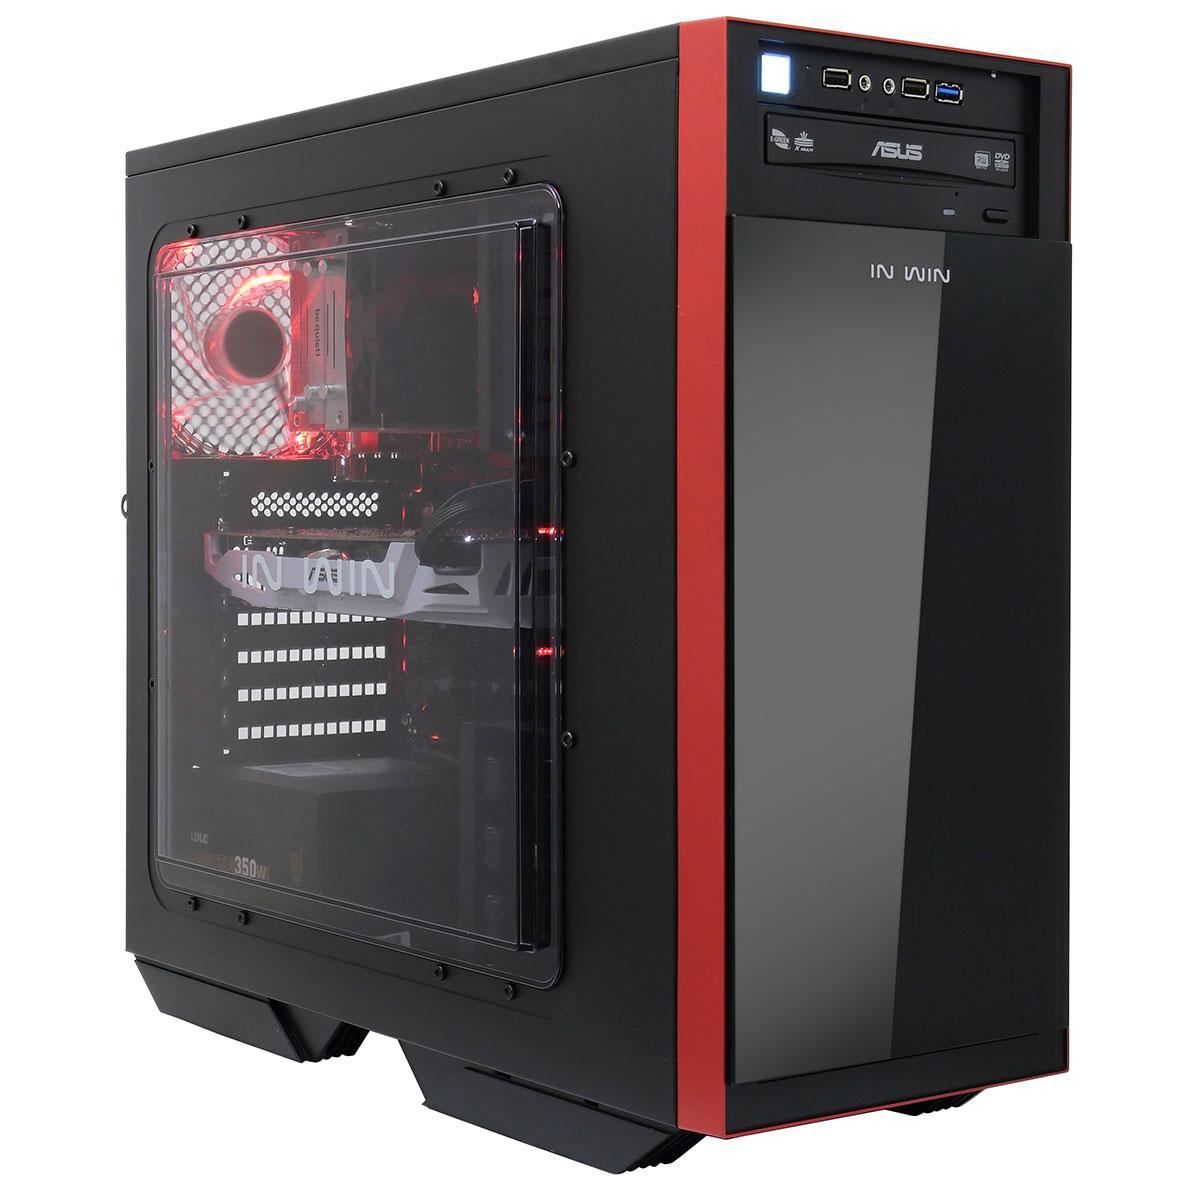 PC de bureau Intel Core i5 achat vente PC de bureau sur LDLC